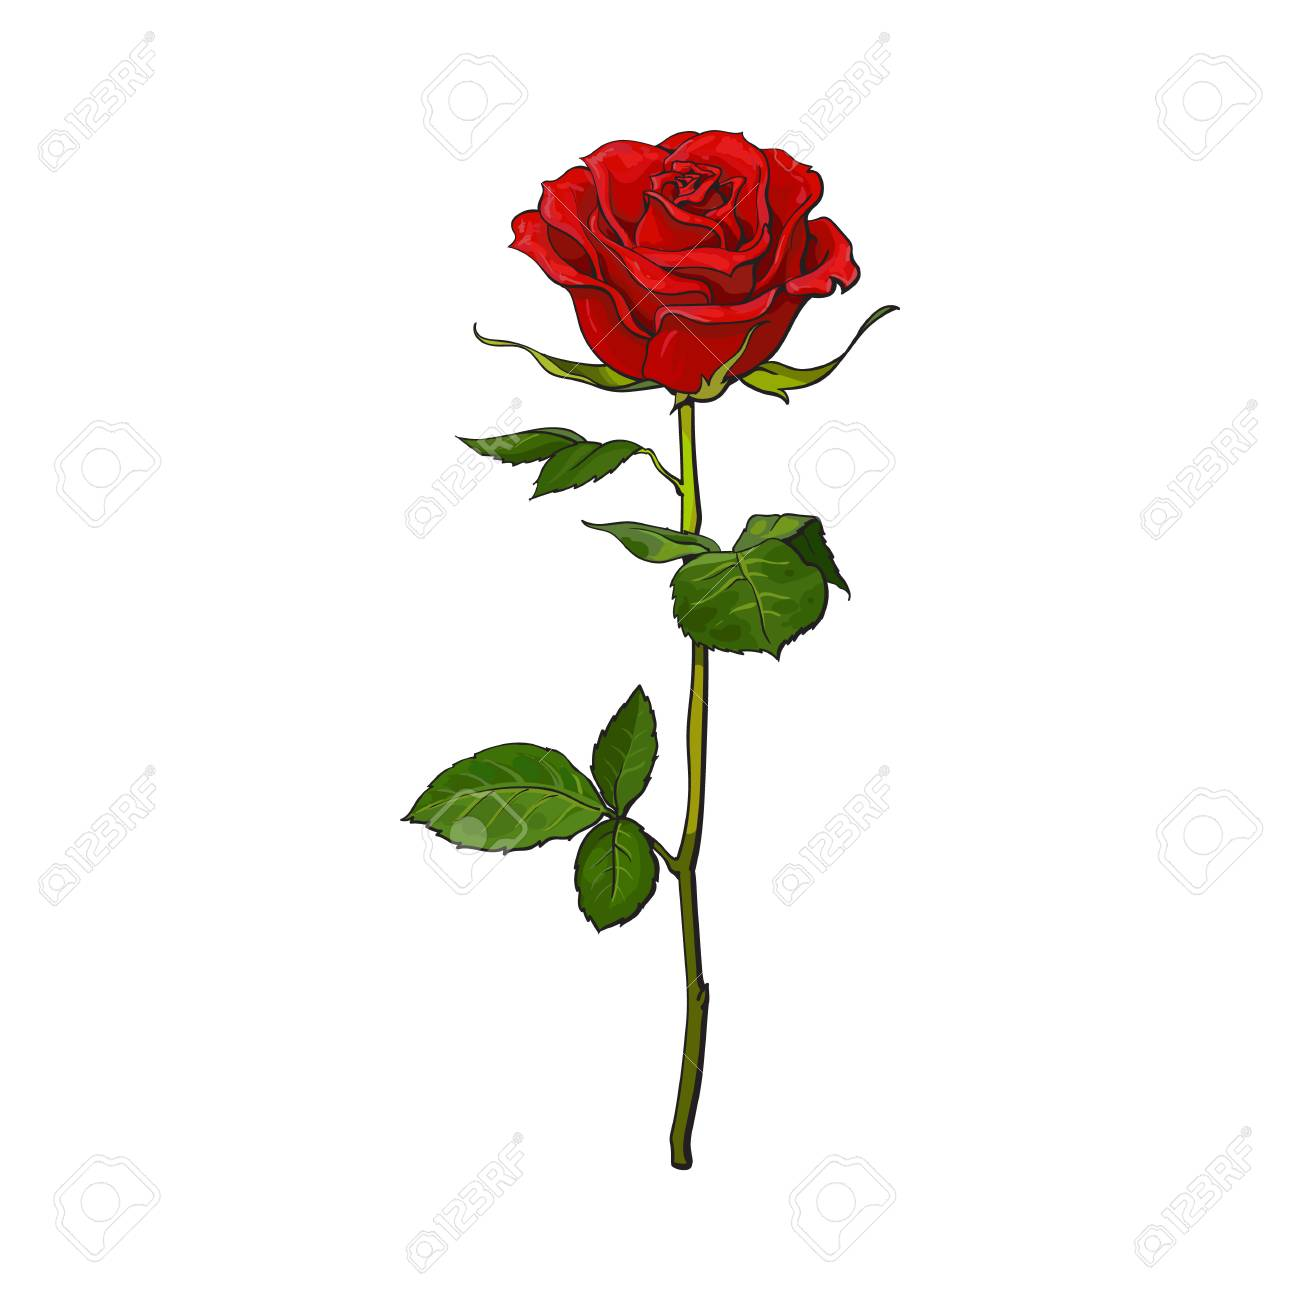 De Color Rojo Oscuro Flor De Color Rosa Rubí Con Hojas Verdes